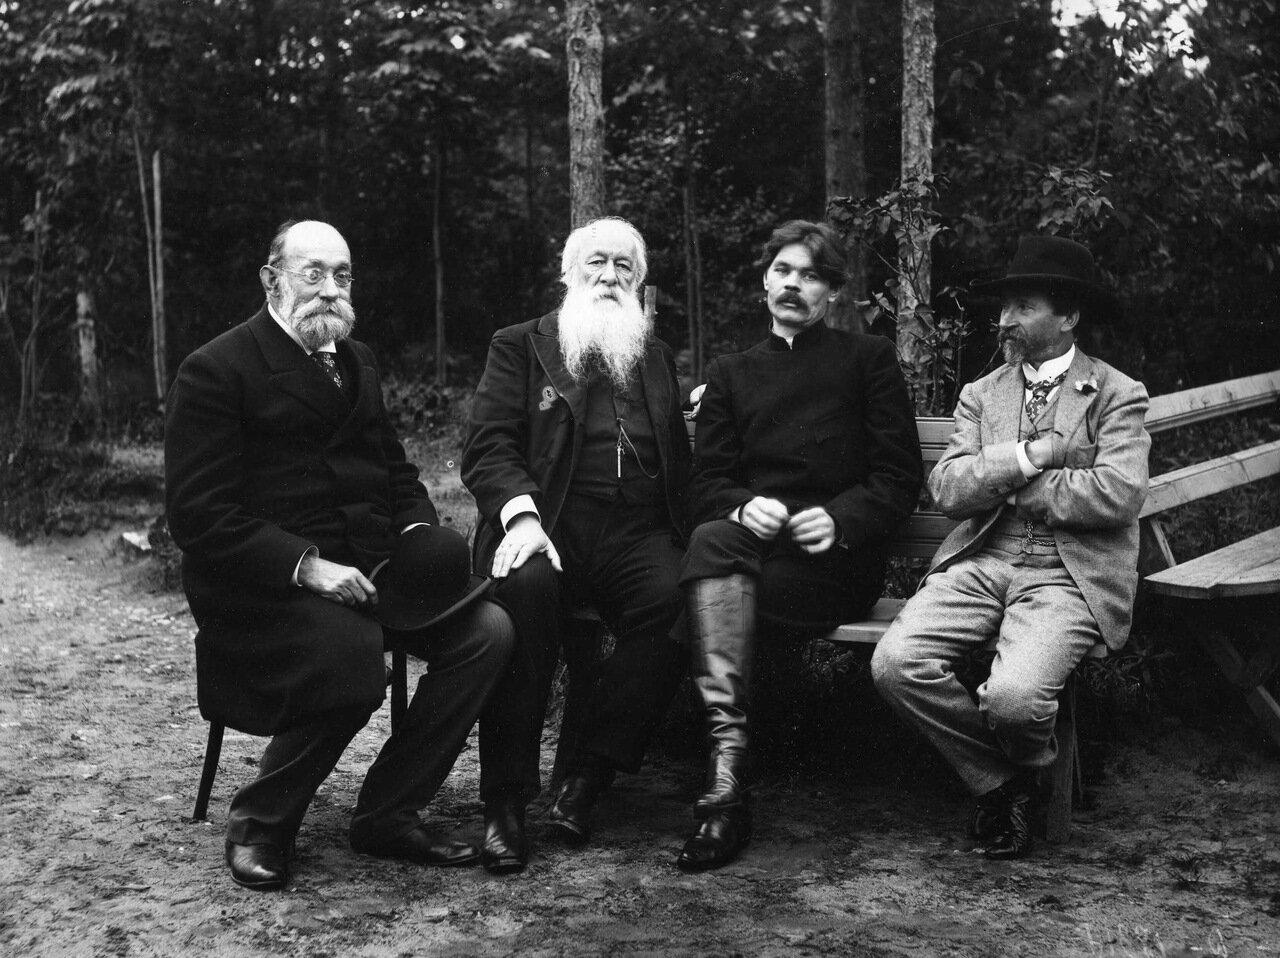 Пирогов, Стасов, Горький и Репин. 1905 г. Куоккала.